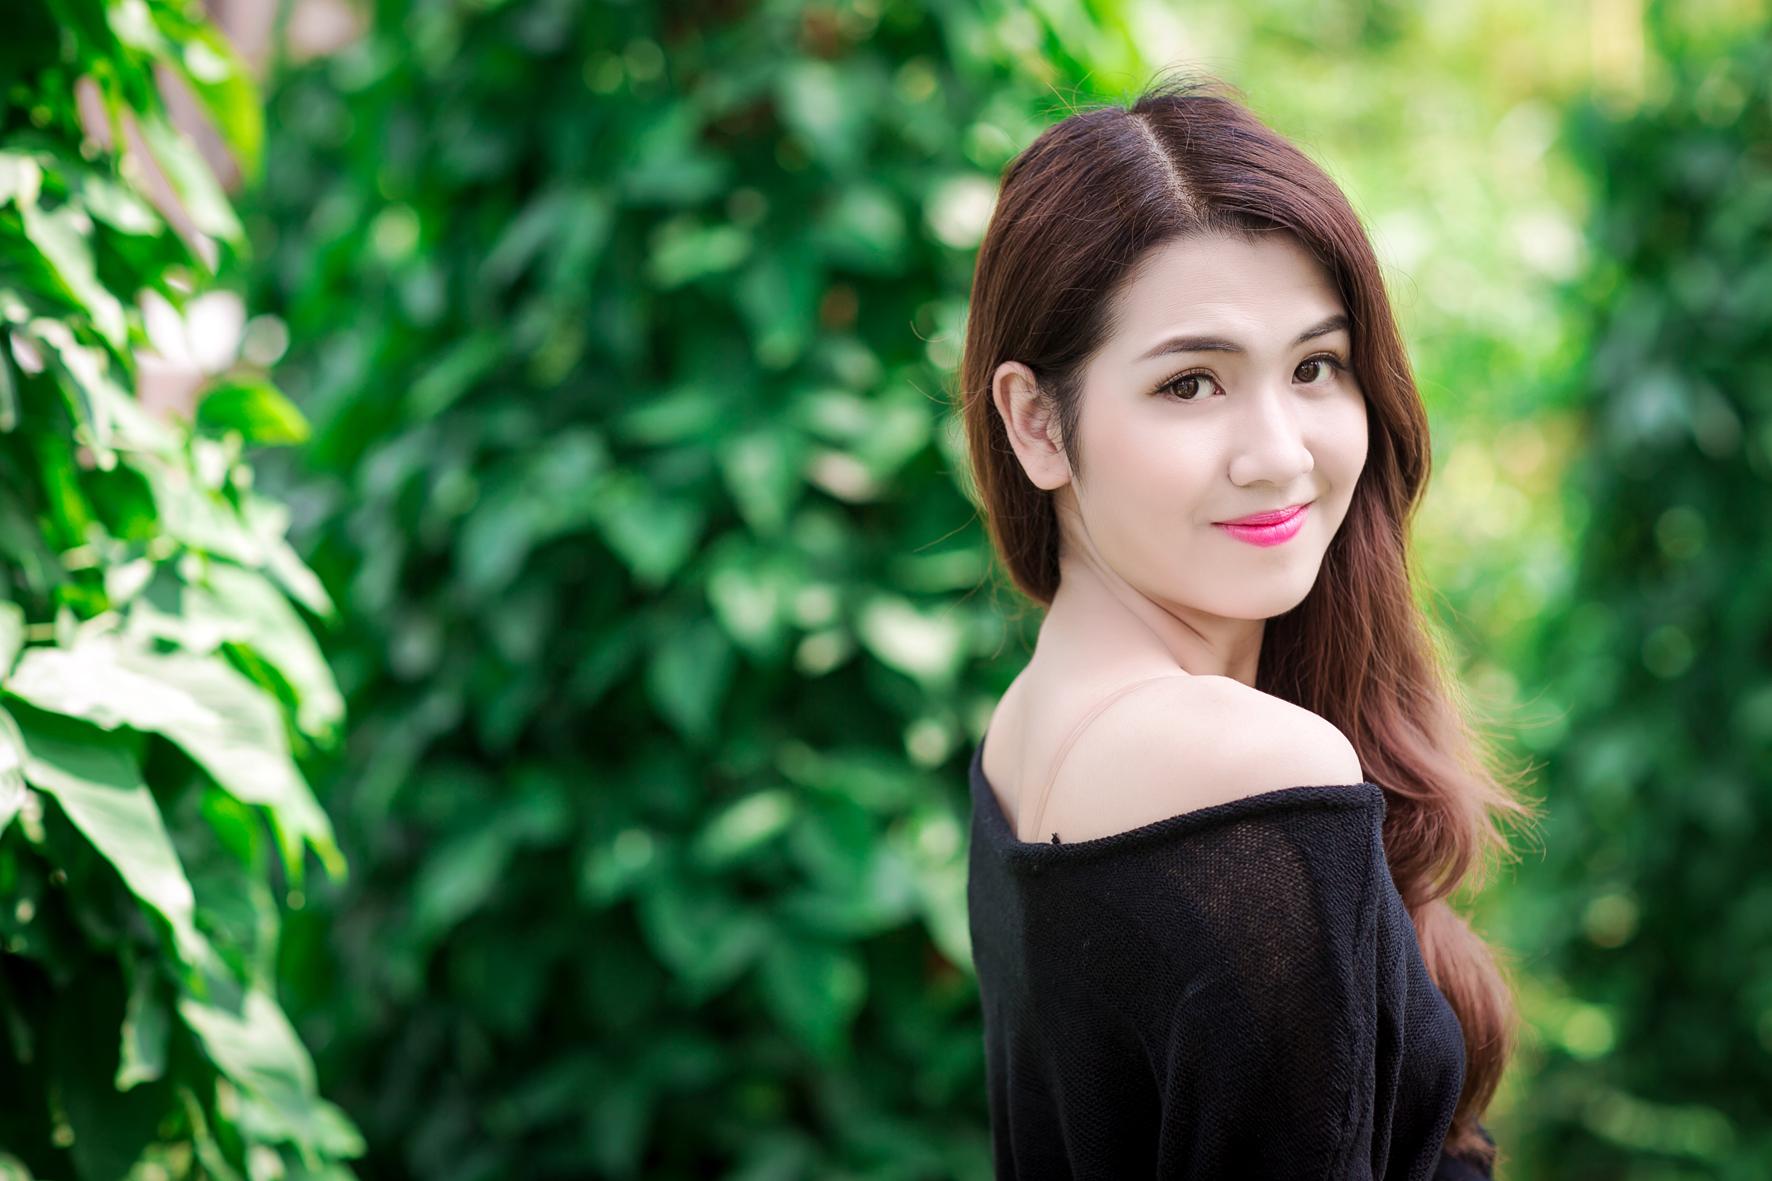 Ngọc Thảo cao 1m65, sinh năm 1993, đang dẫn đầu cuộc thi Hoa hậu Hoàn vũ 2015 với lượt bình chọn khá cao